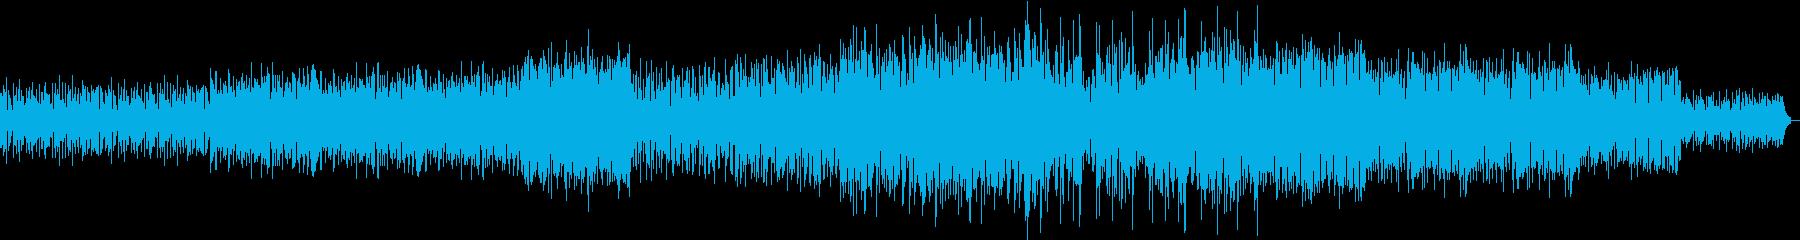 テクノロジーなエレクトロサウンドの再生済みの波形